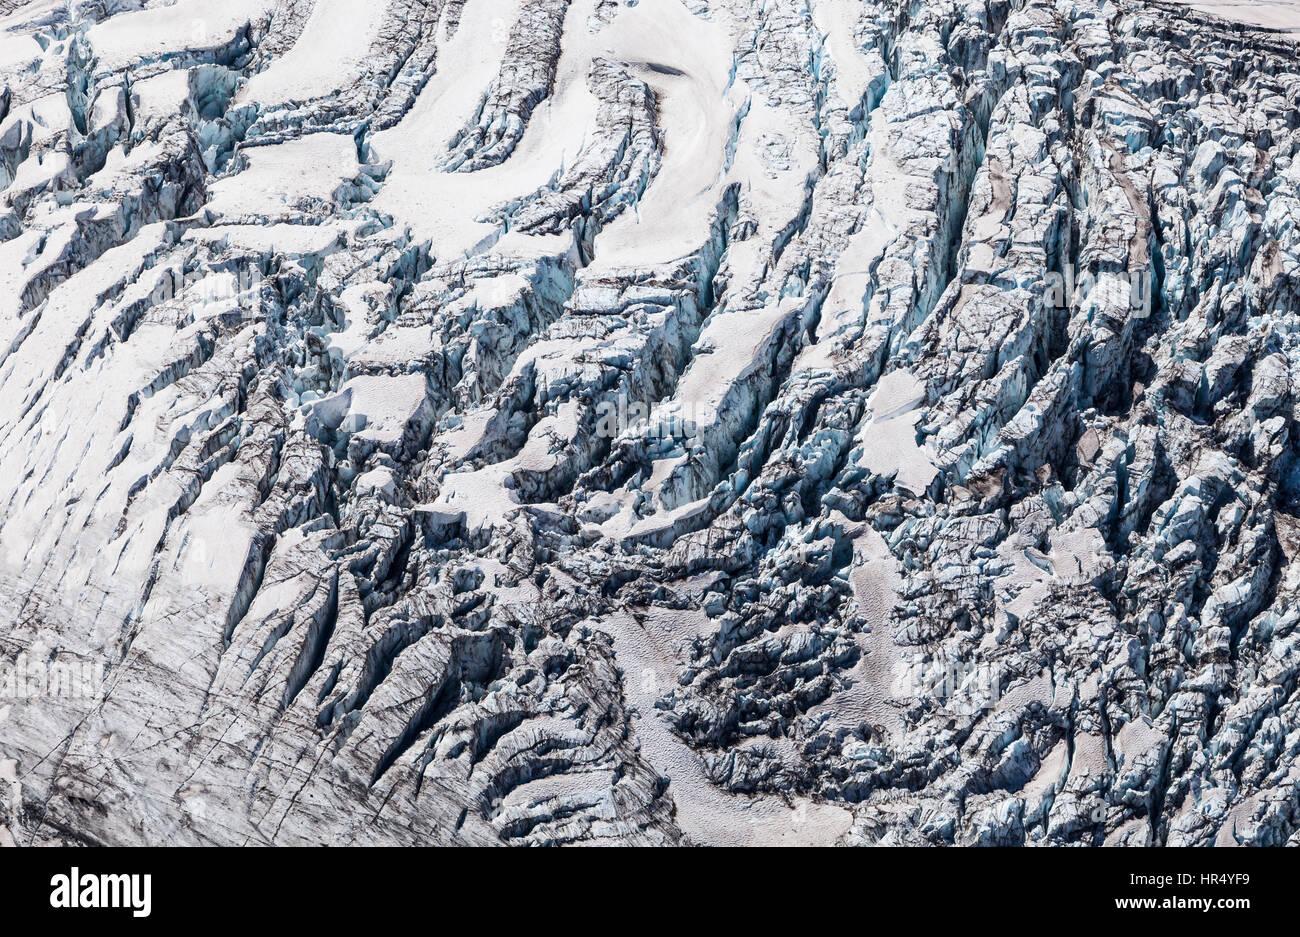 Winthrop Glacier Detail, Mt Rainier National Park, 2013 - Stock Image